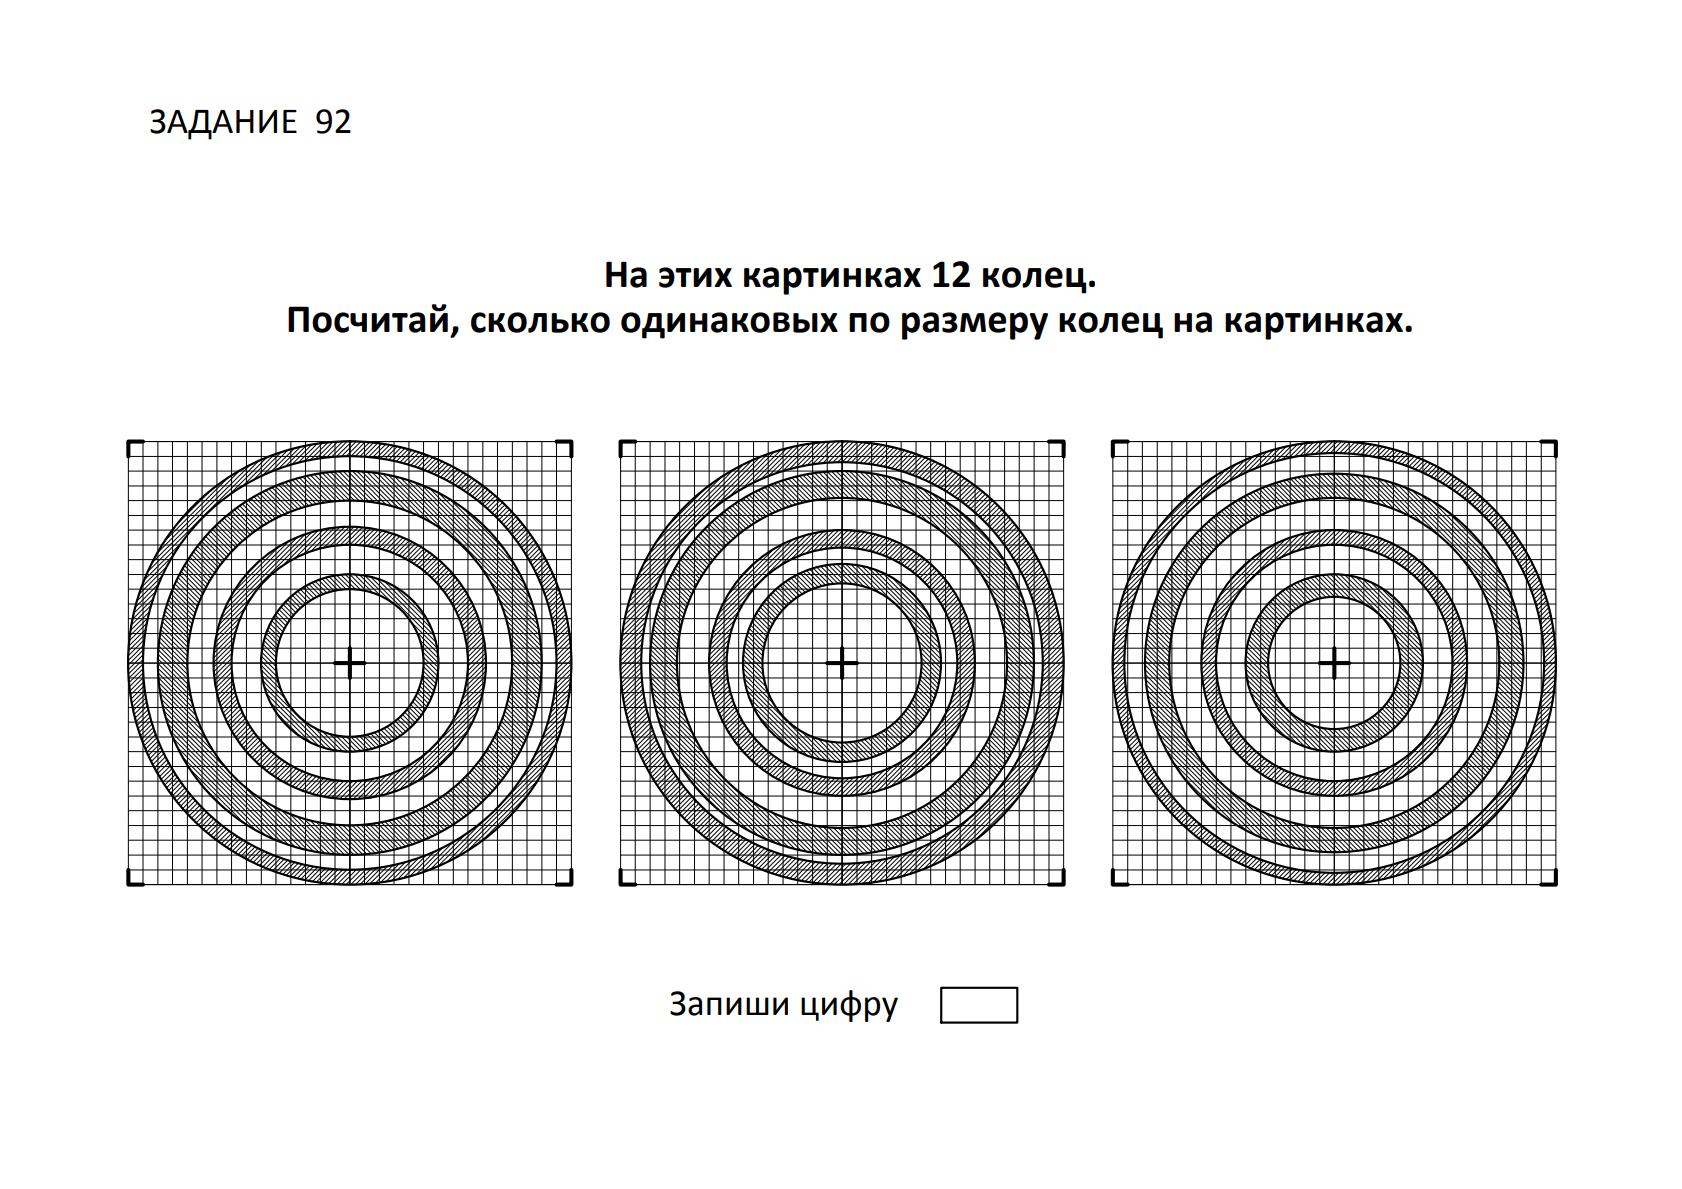 Посчитай, сколько одинаковых по размеру колец на этих картинках.